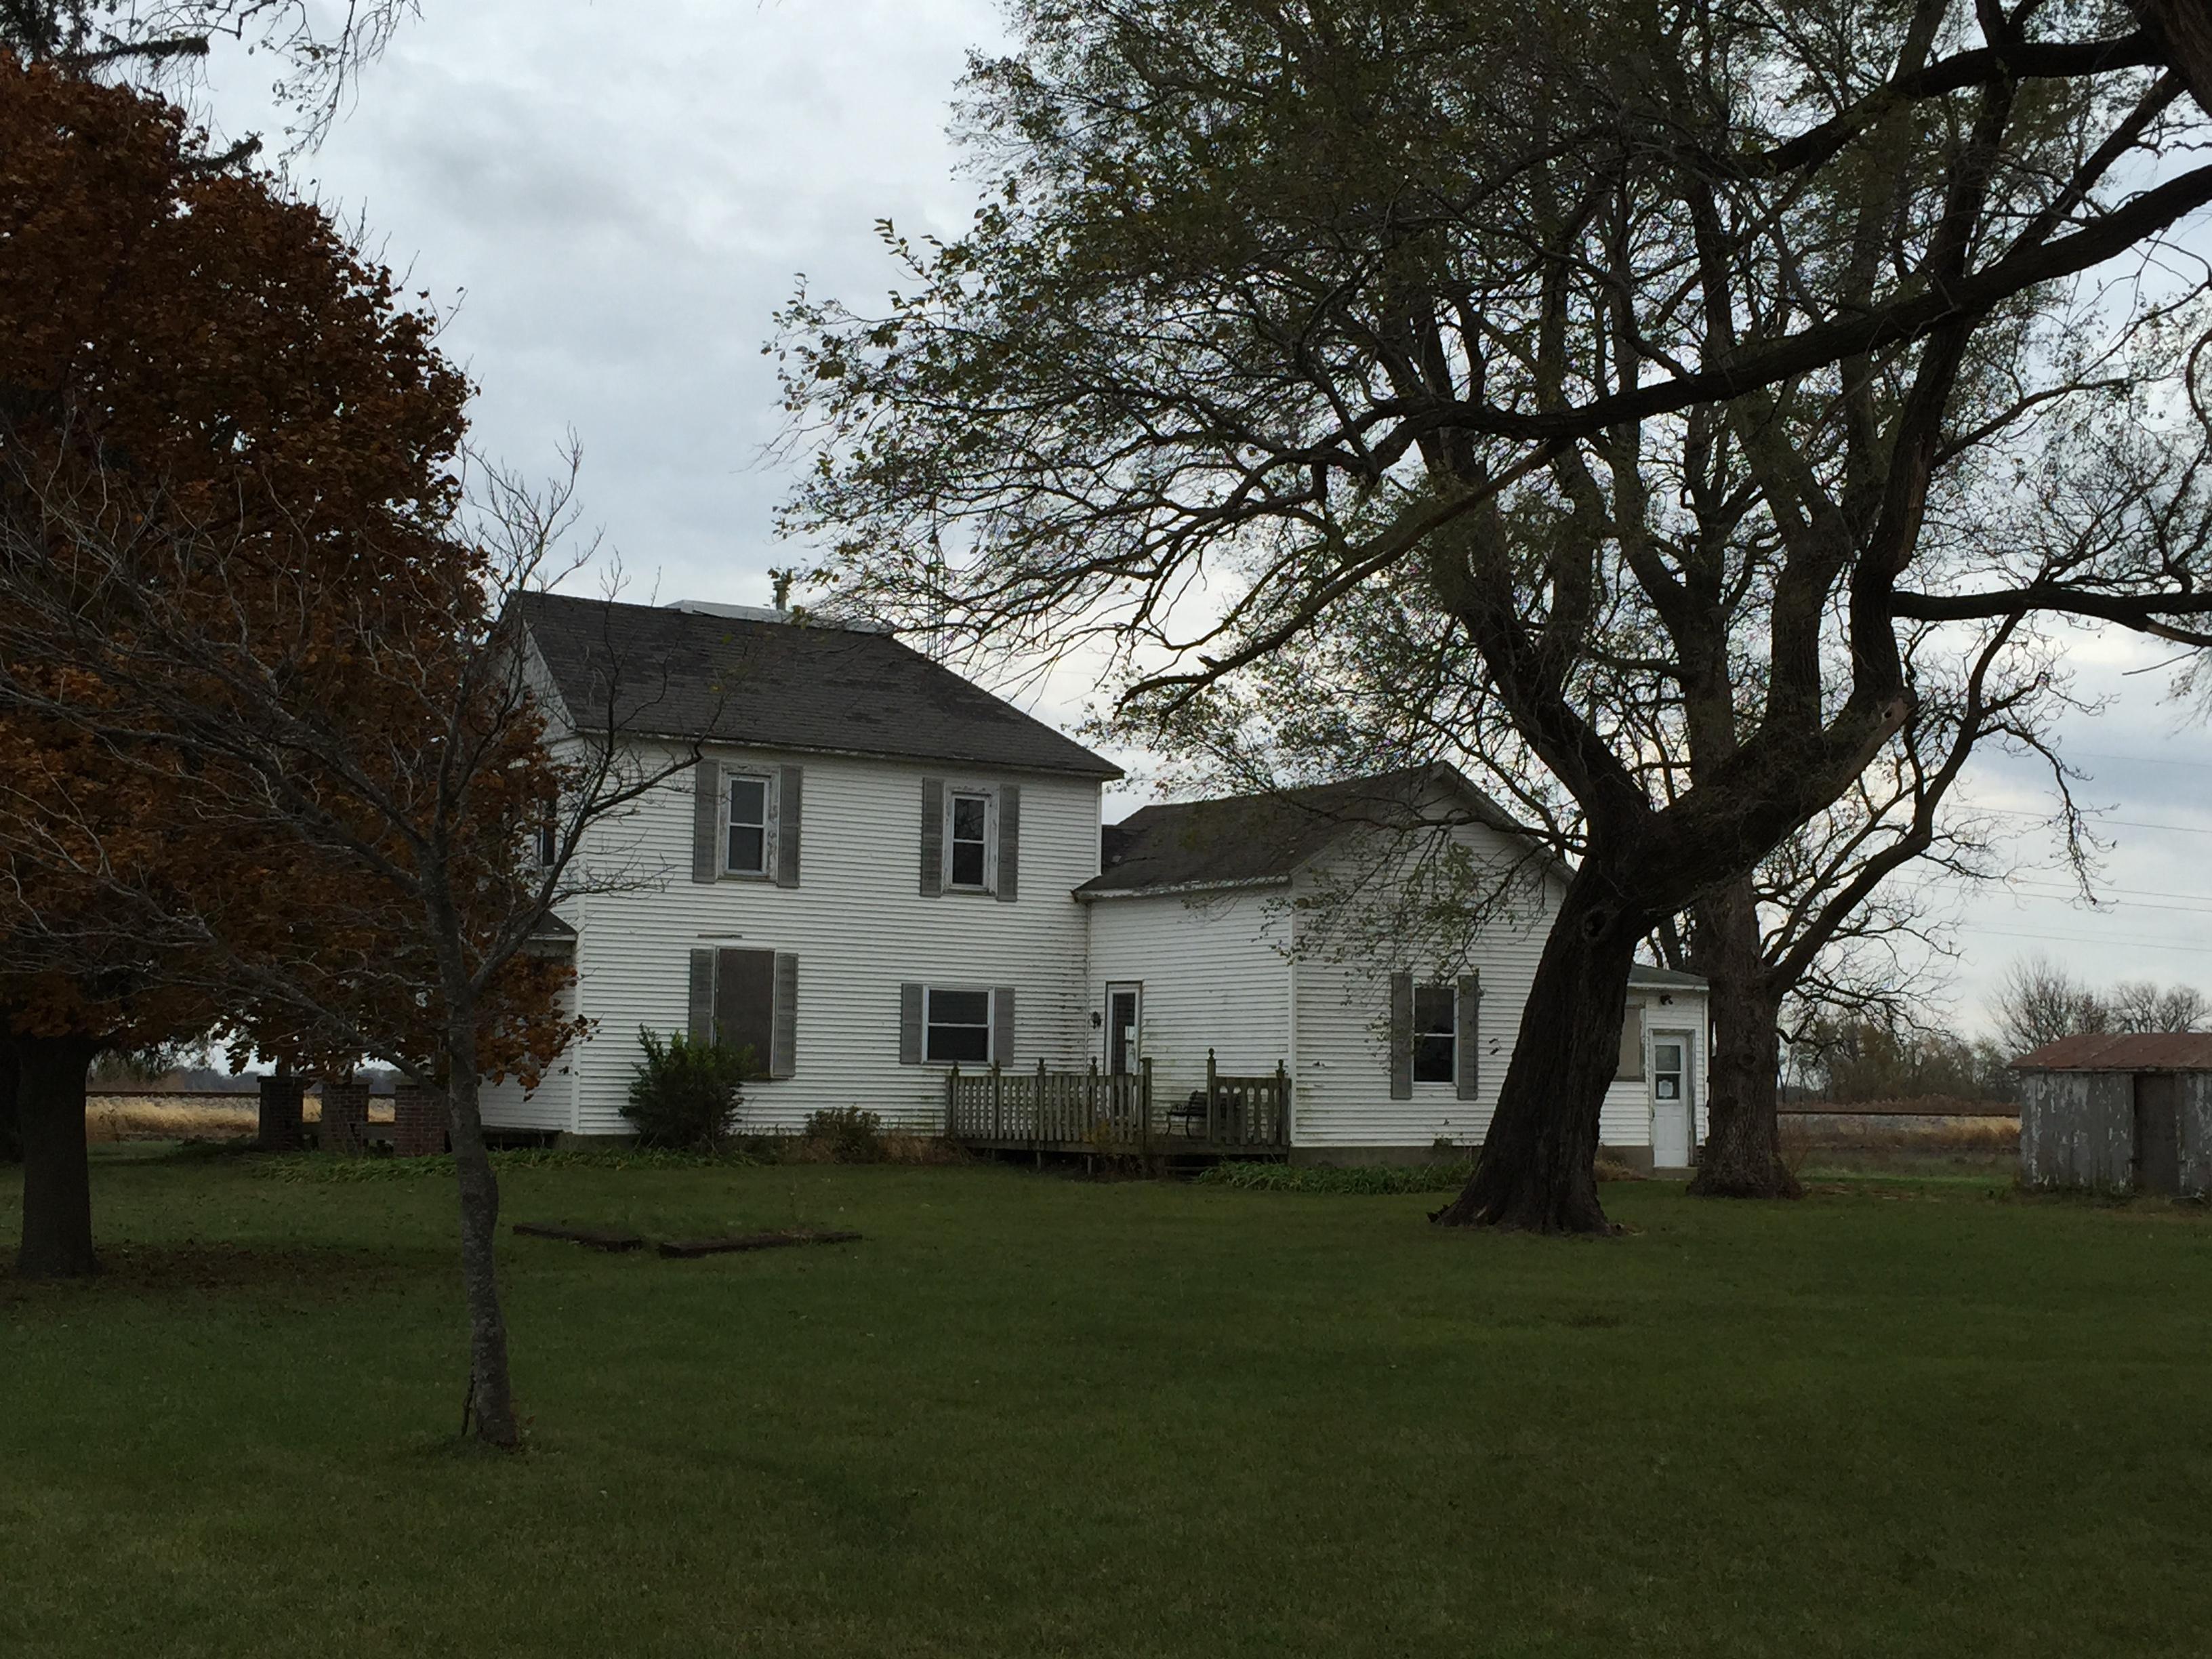 513 E 1100 North Rd, Buckley, Illinois 60918